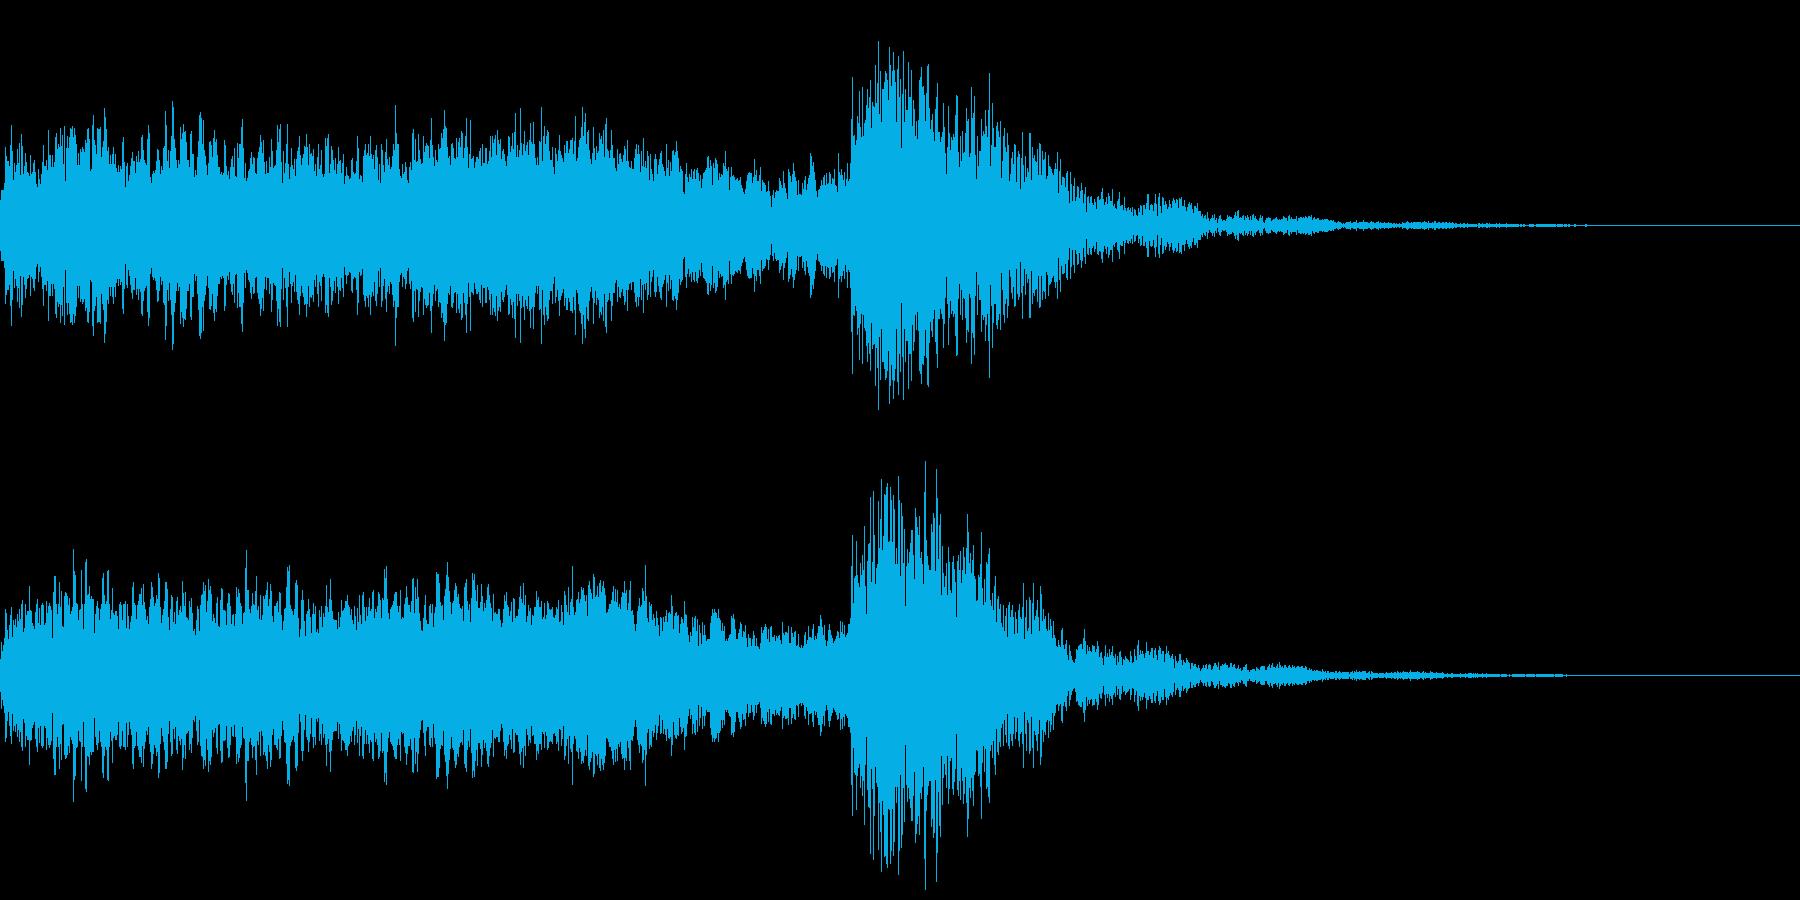 神社 結婚式の笛(笙)/和風演出に!02の再生済みの波形